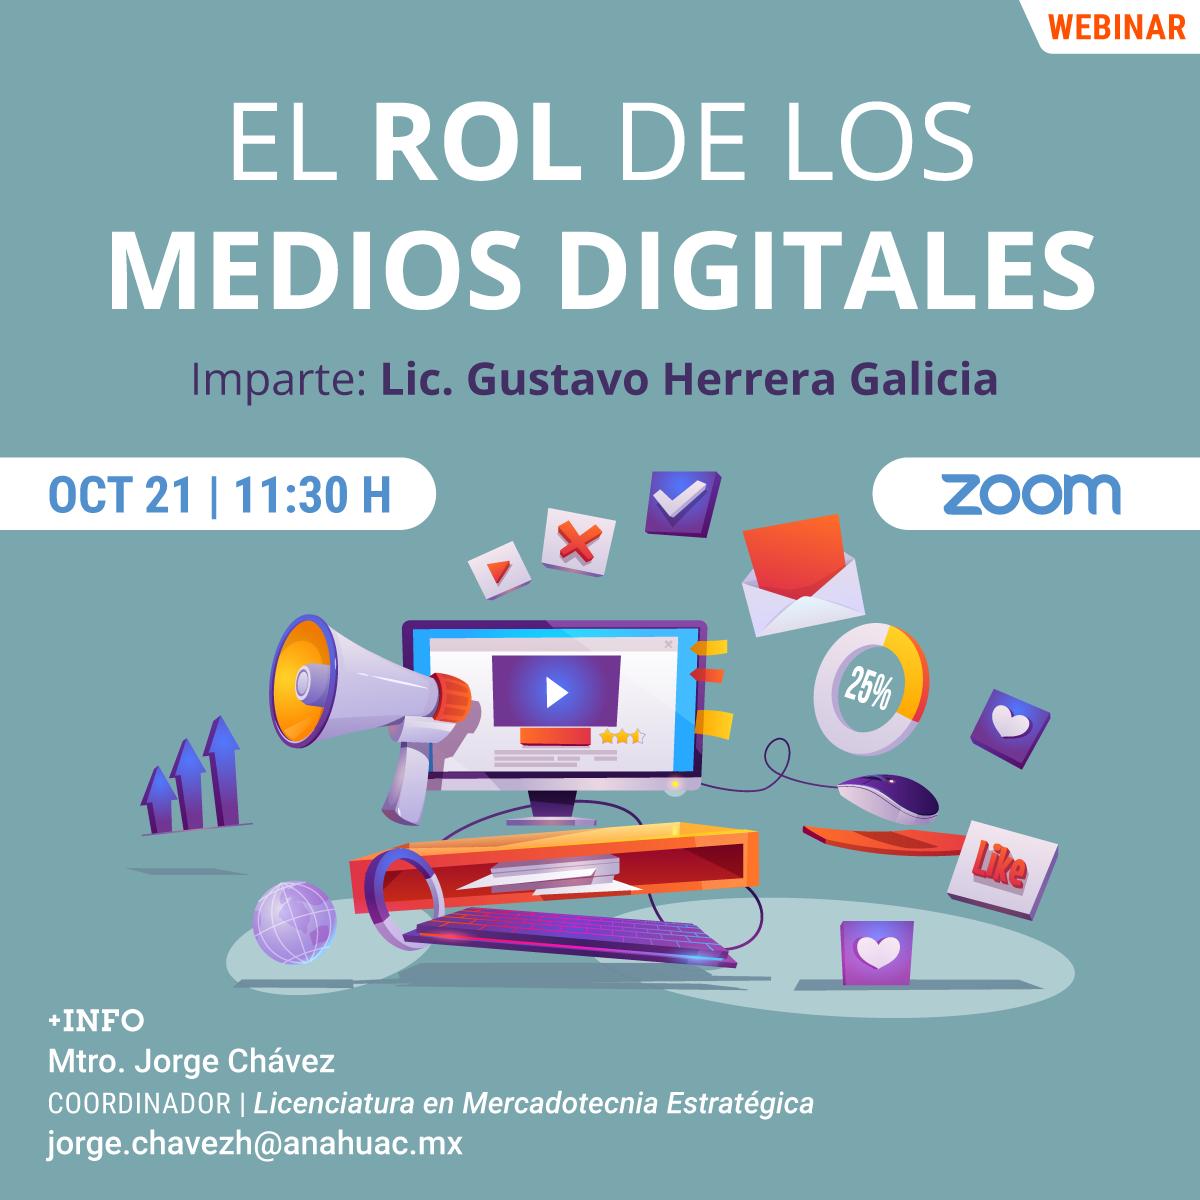 El Rol de los Medios Digitales